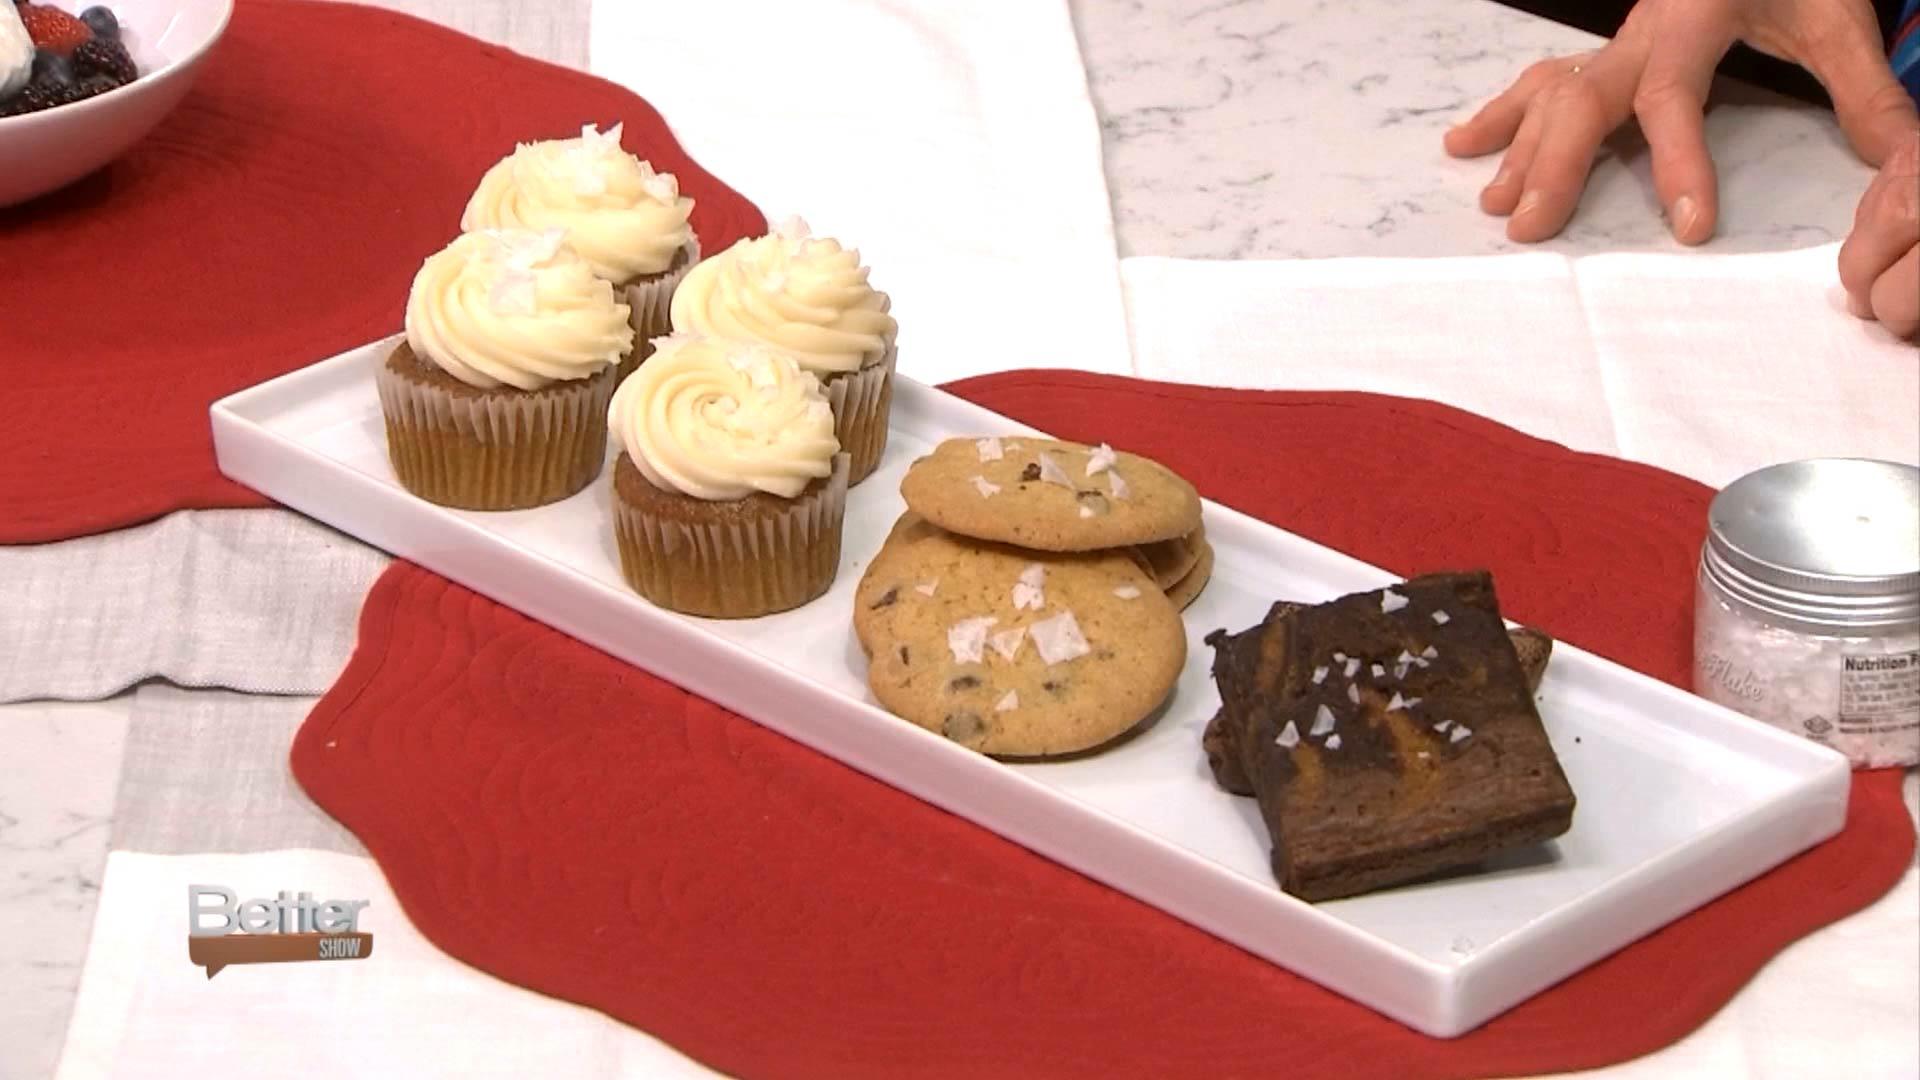 Tips for Healthier Dessert Options